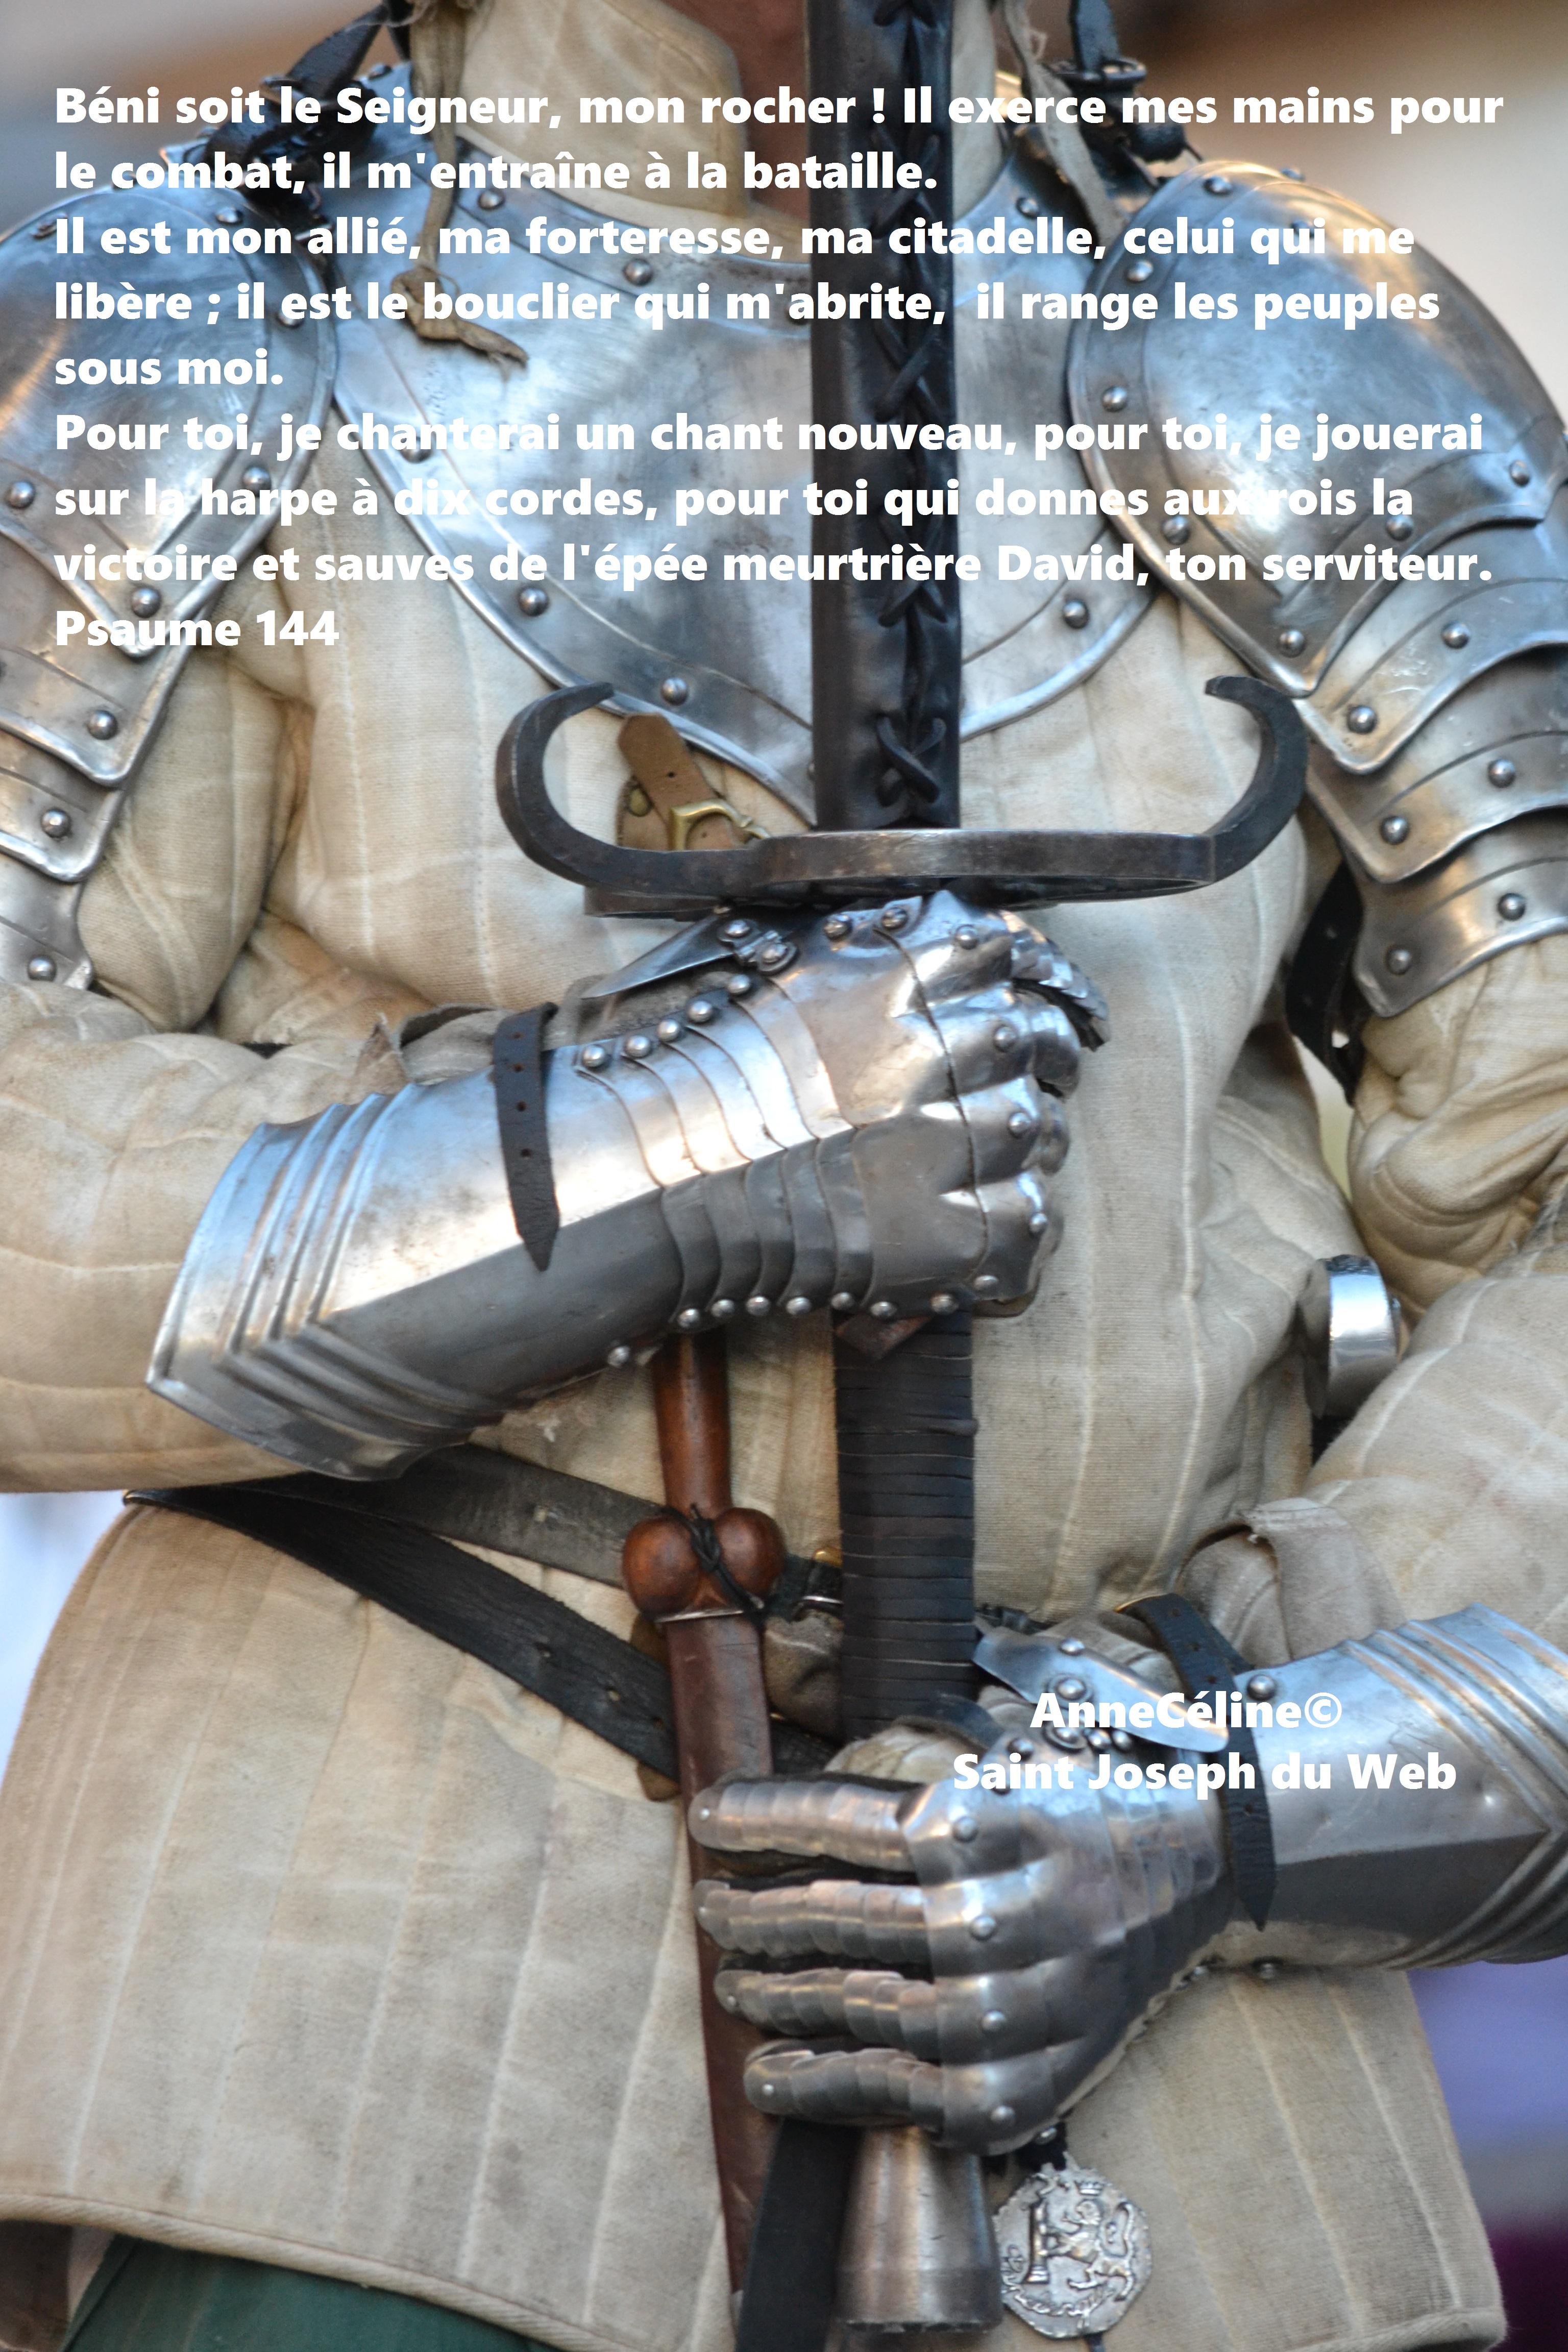 La forteresse ouverte de Joseph : il est mon allié, ma forteresse, celui qui me libère ( ps 144)